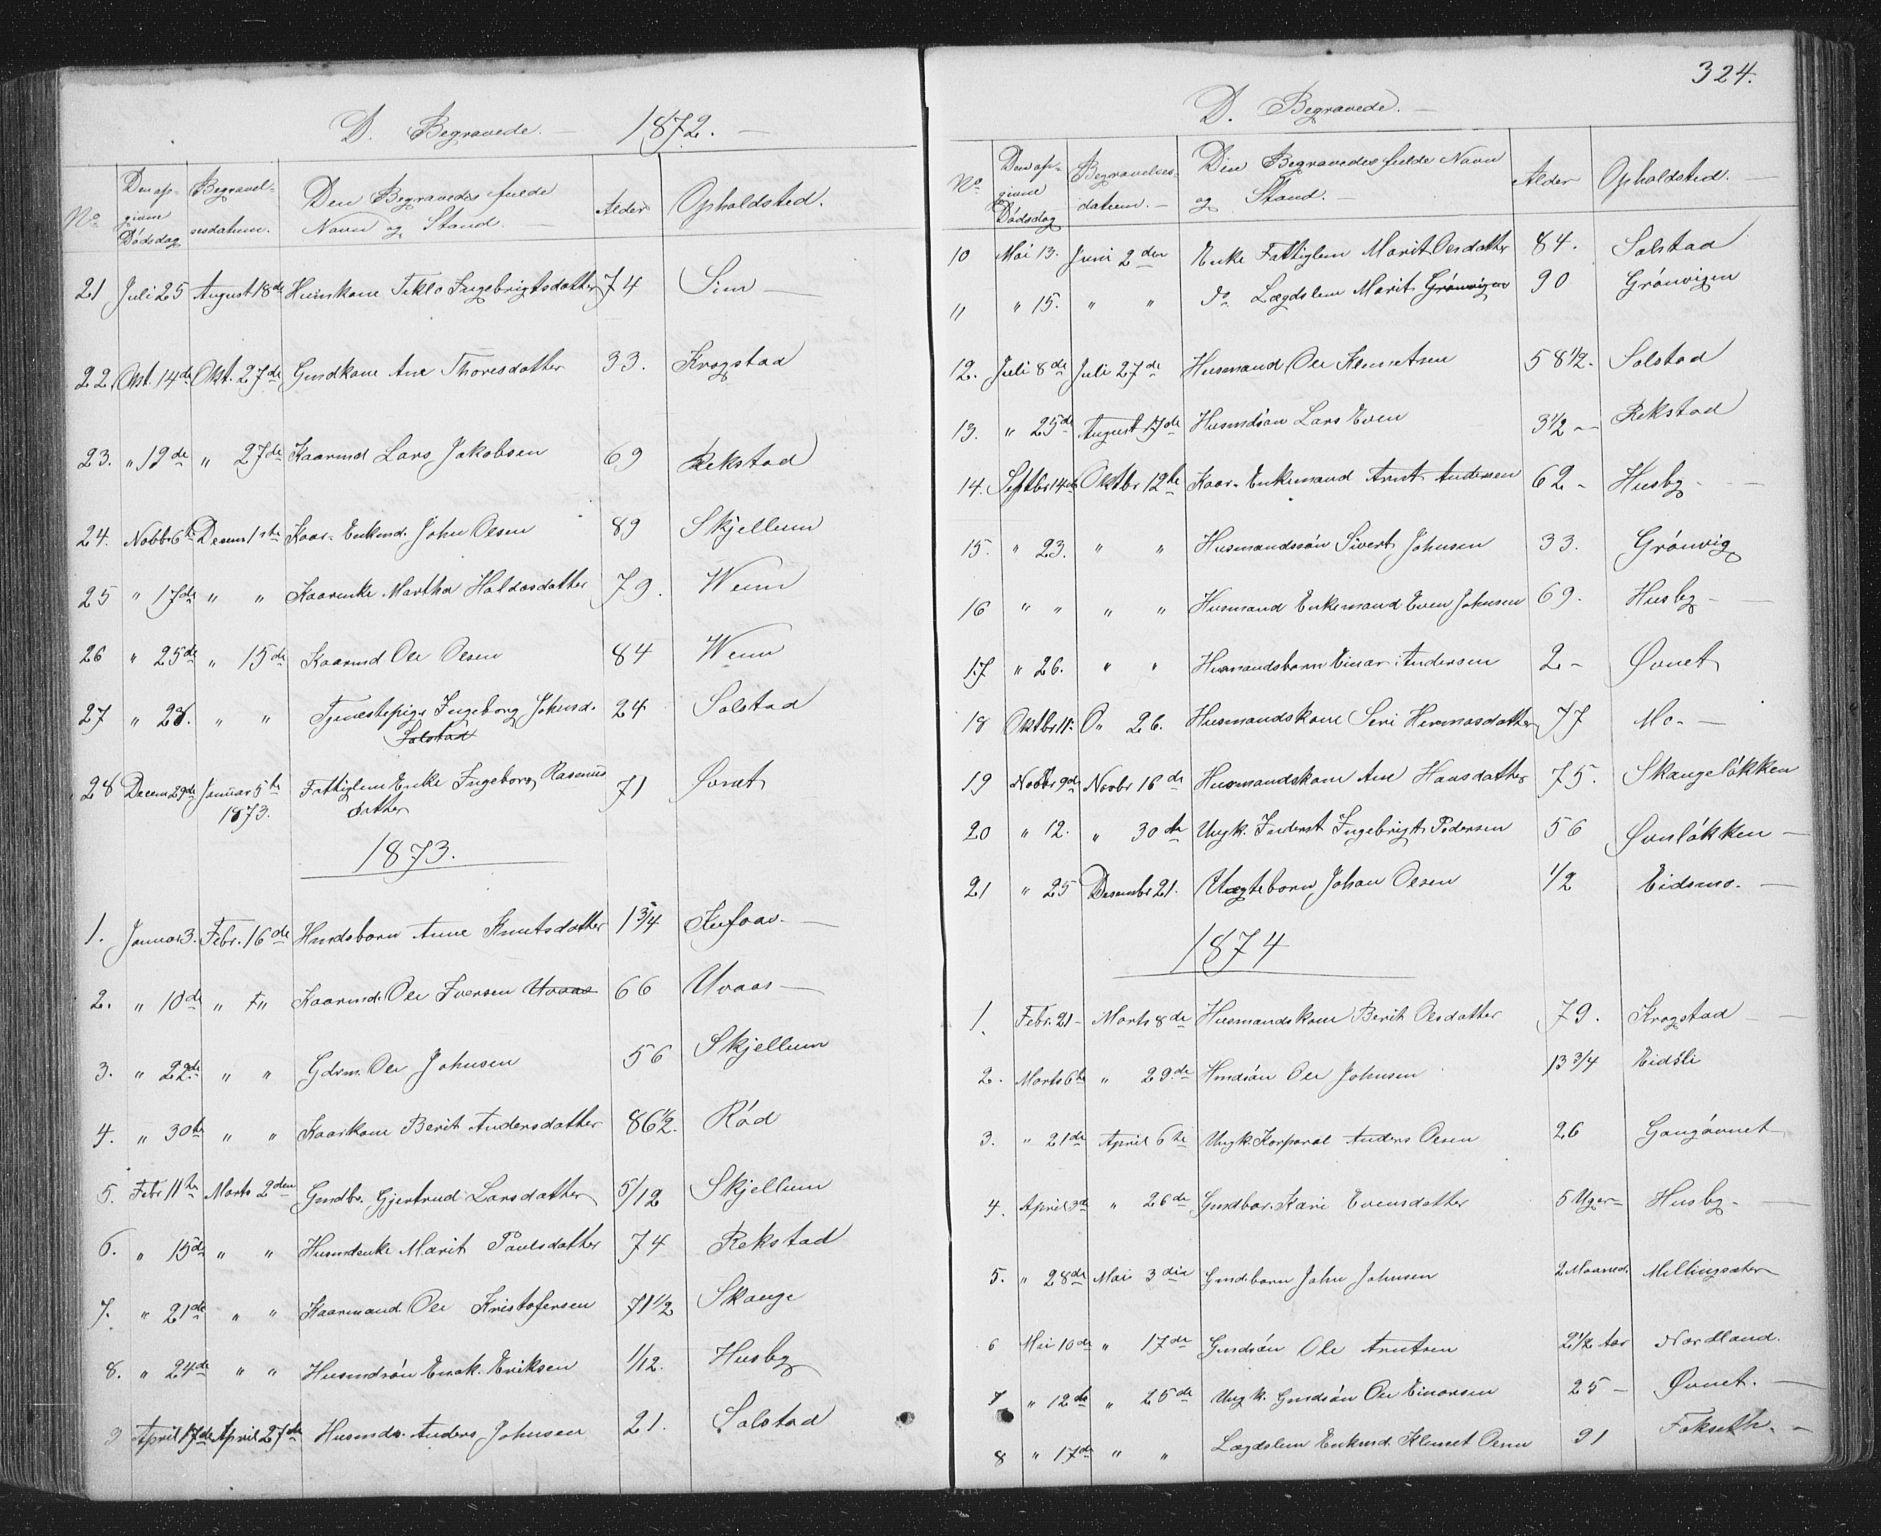 SAT, Ministerialprotokoller, klokkerbøker og fødselsregistre - Sør-Trøndelag, 667/L0798: Klokkerbok nr. 667C03, 1867-1929, s. 324